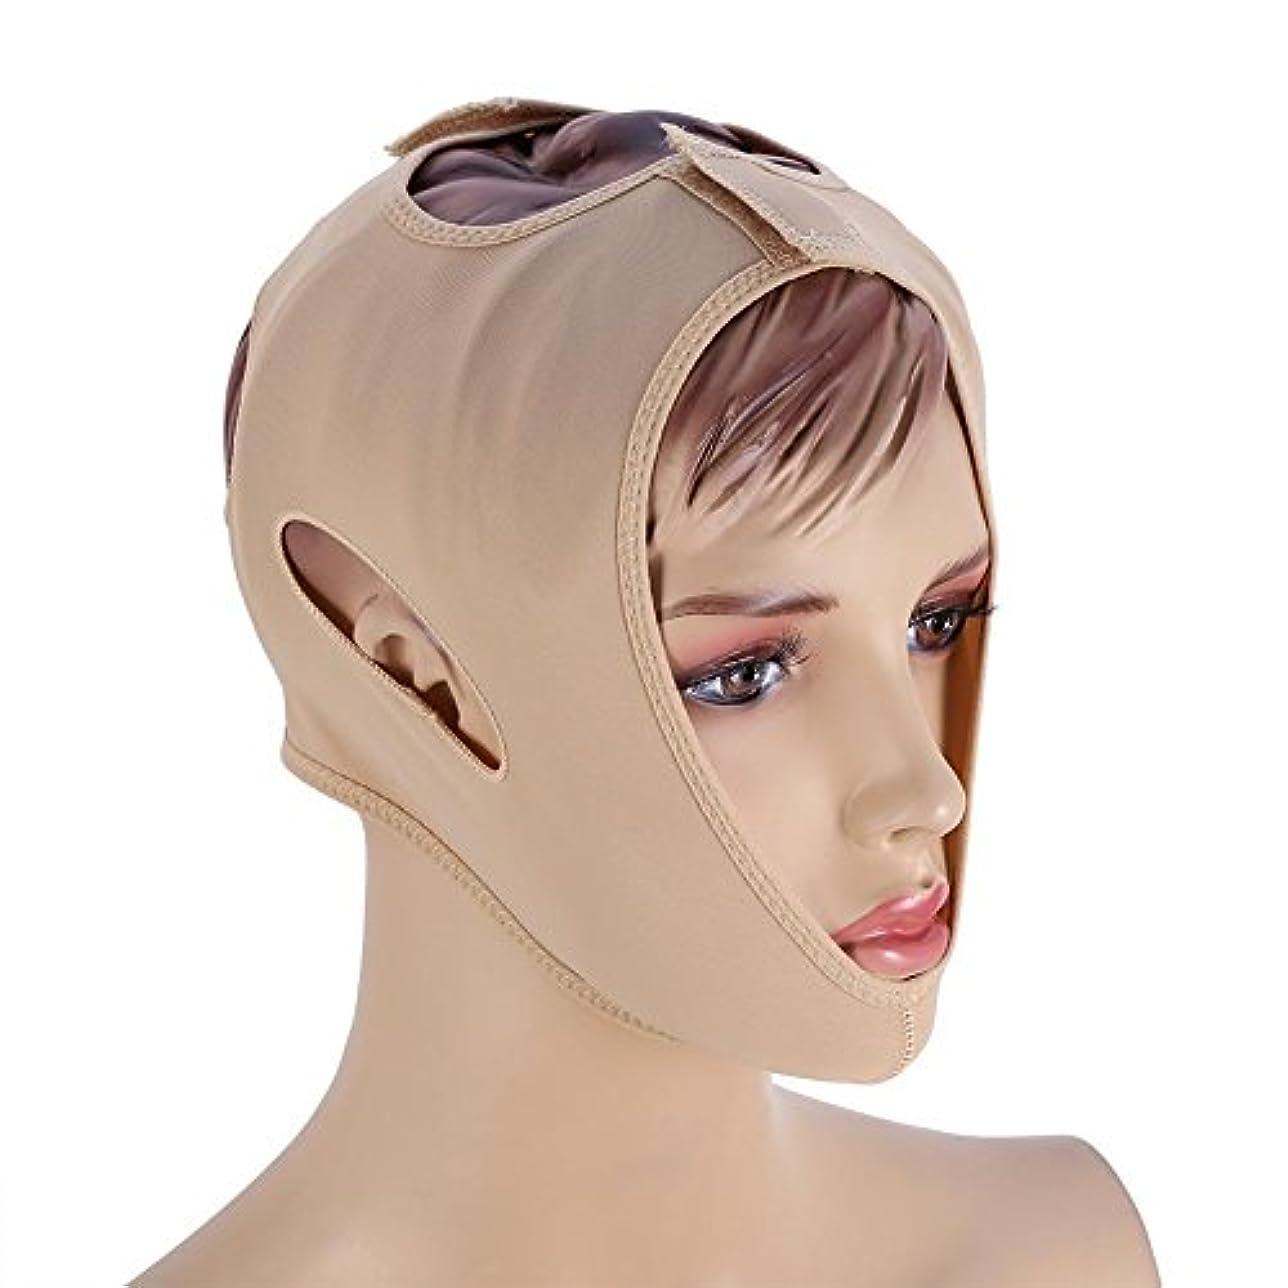 フレットカバーヒールフェイスベルト 額、顎下、頬リフトアップ 小顔 美顔 頬のたるみ 引き上げマスク便利 伸縮性 繊維 (L码)